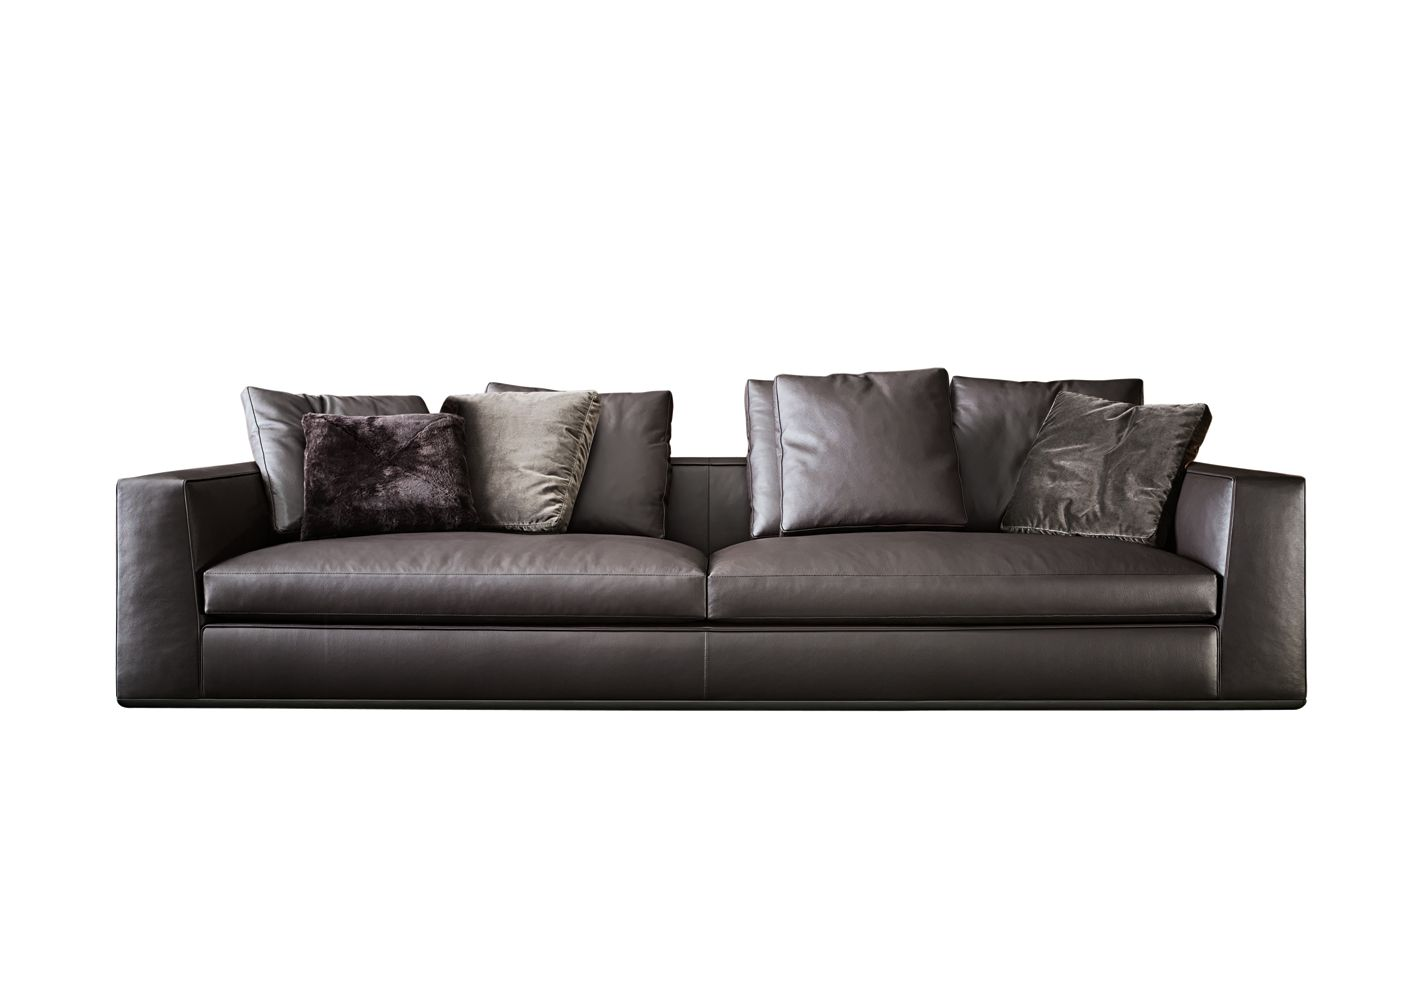 Minotti Ipad Sofas En Powell 112 Sofa Contemporary